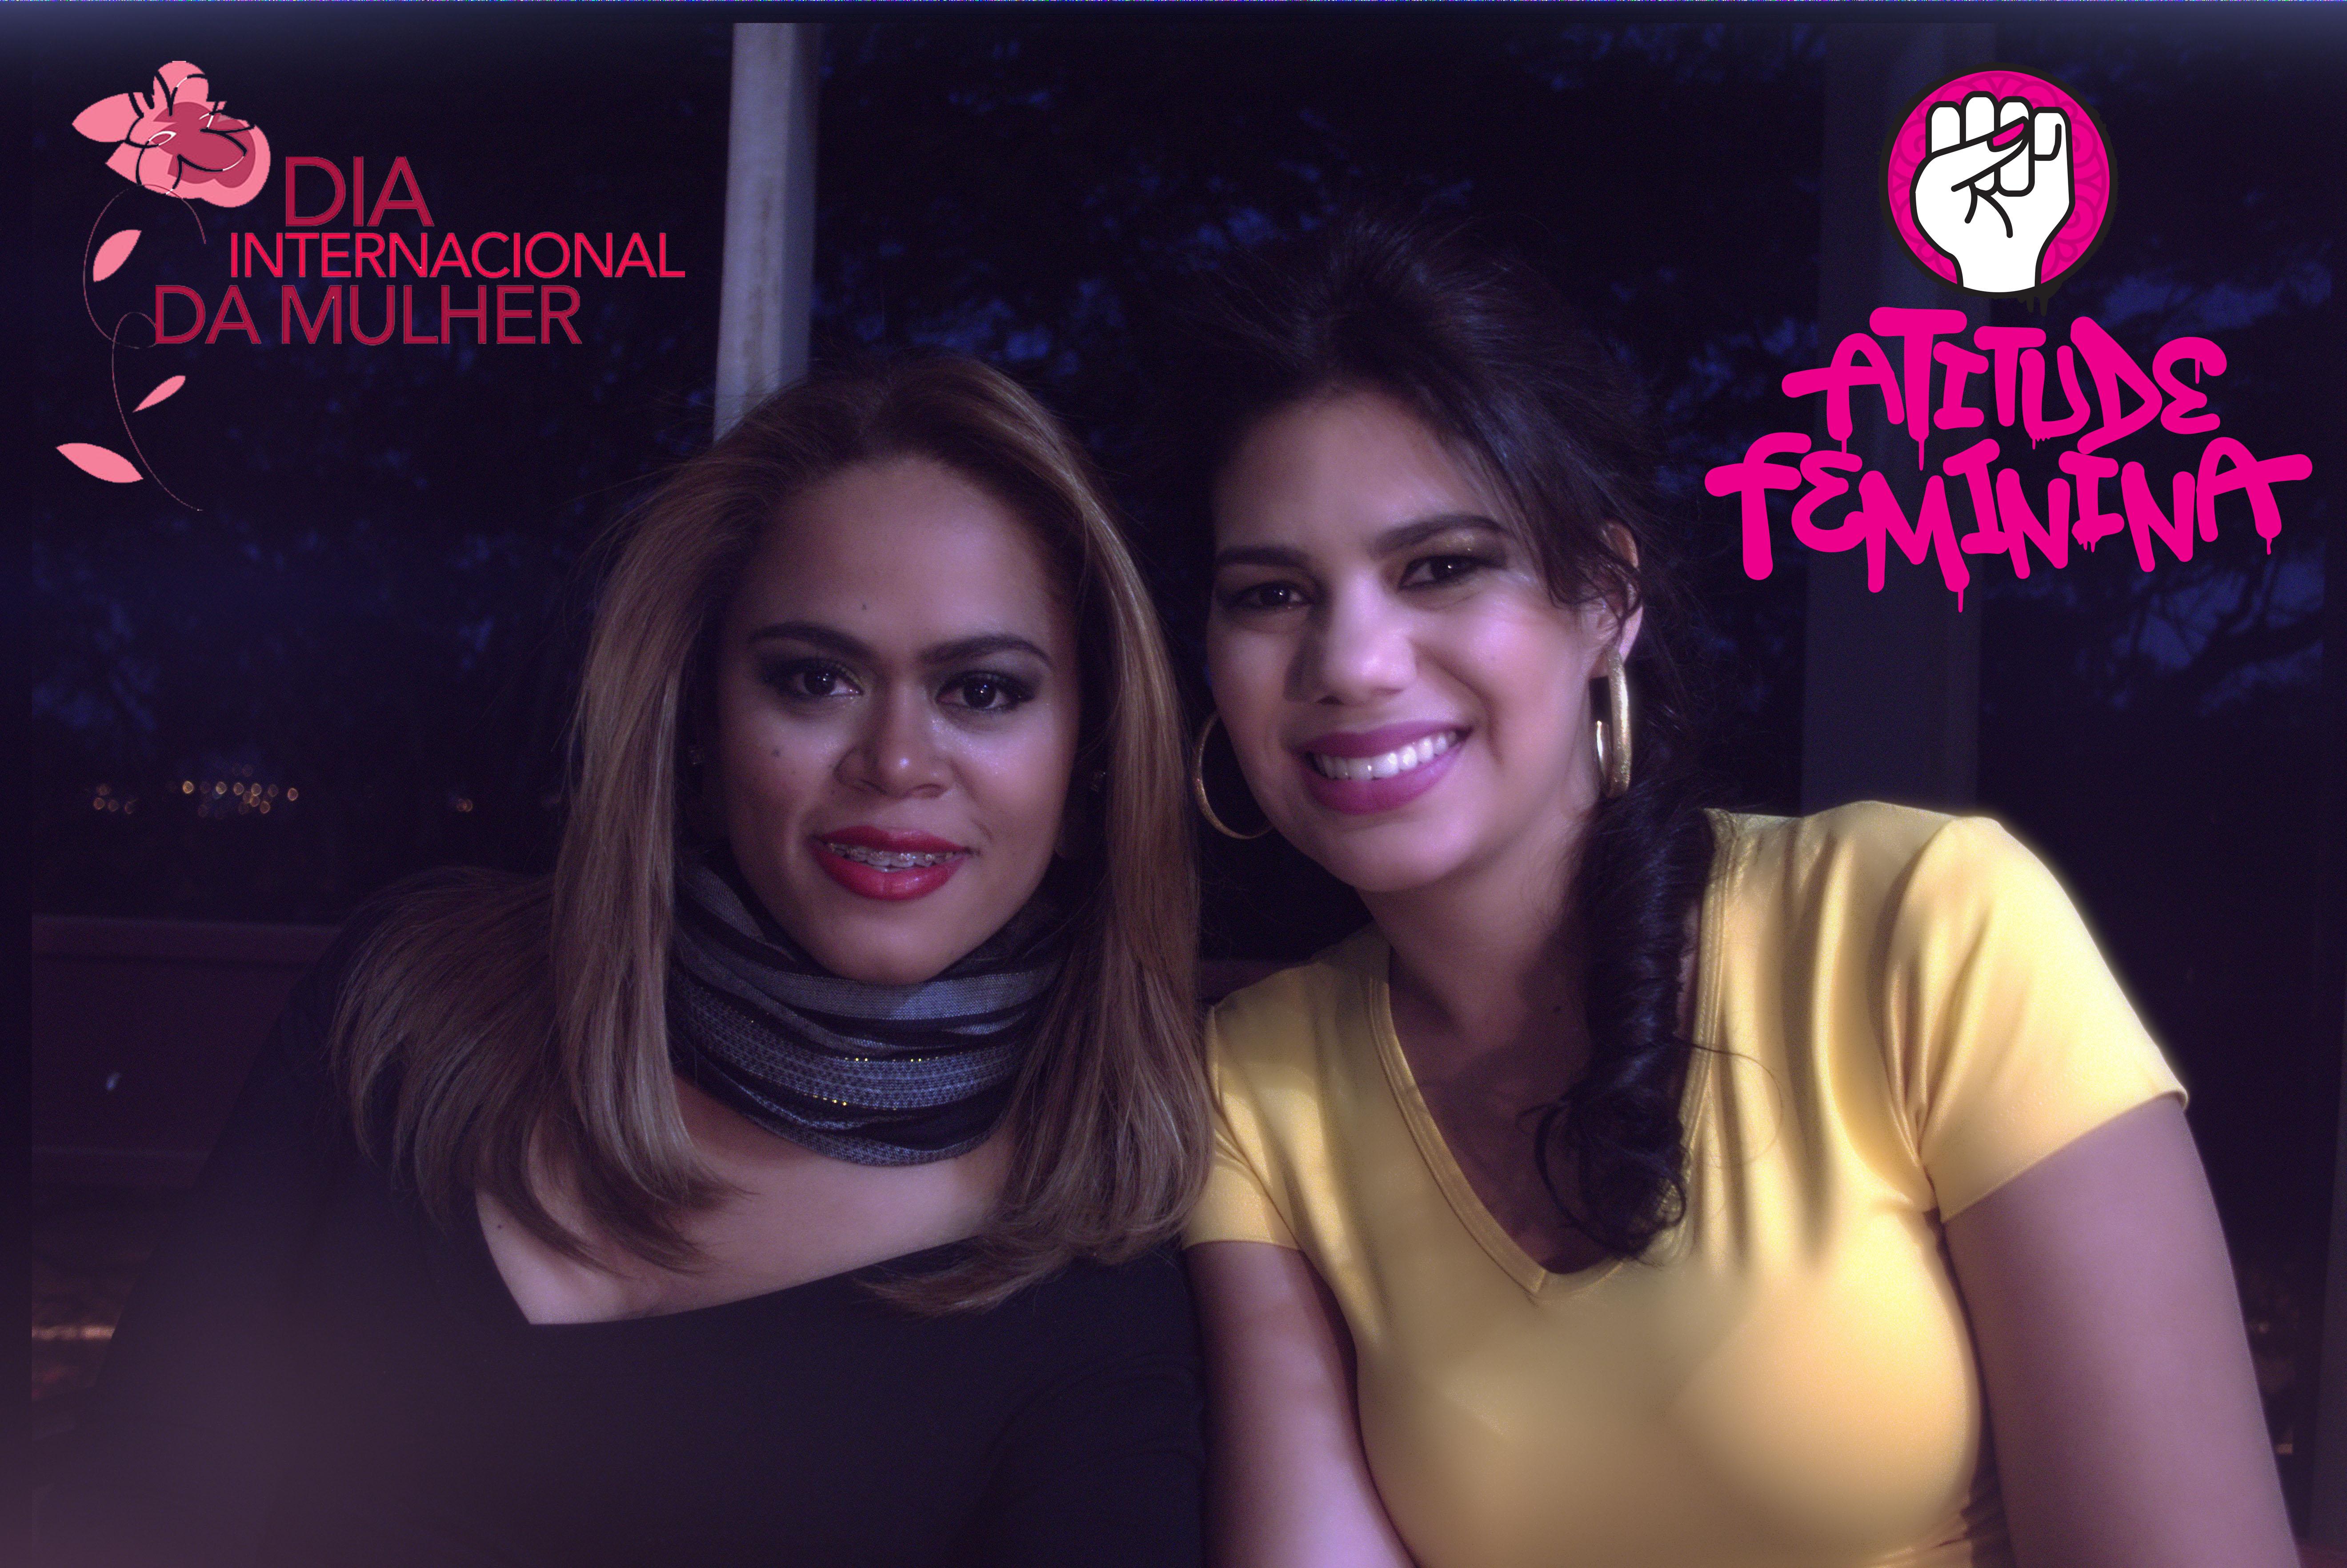 fdfef1784fa6b Atitude Feminina